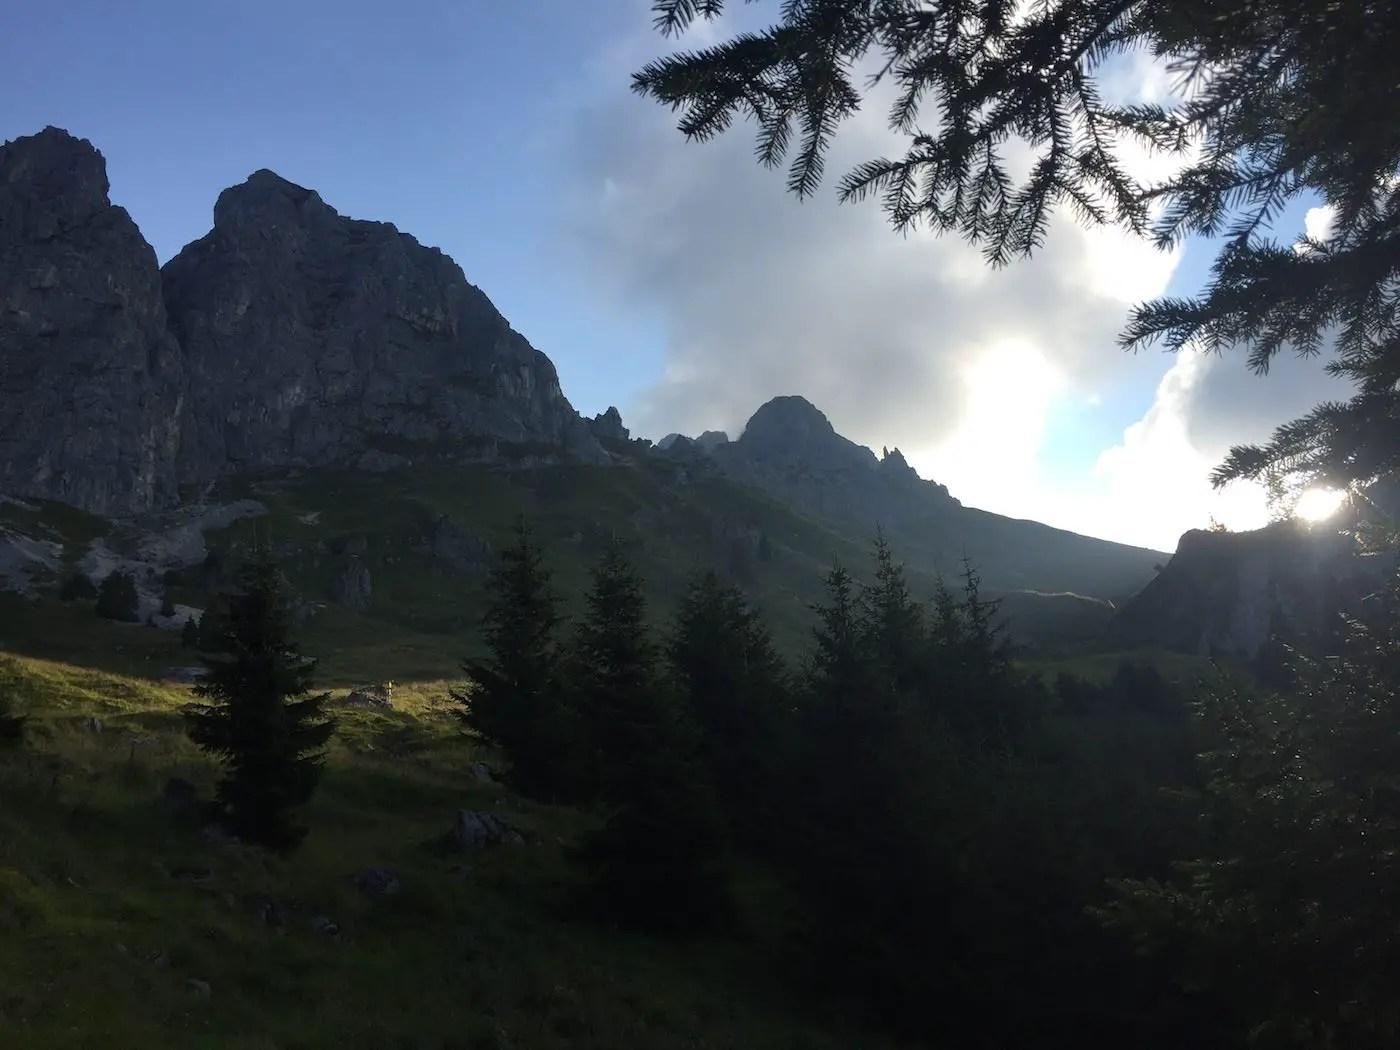 Köllenspitze (Metzenarsch), 2238m